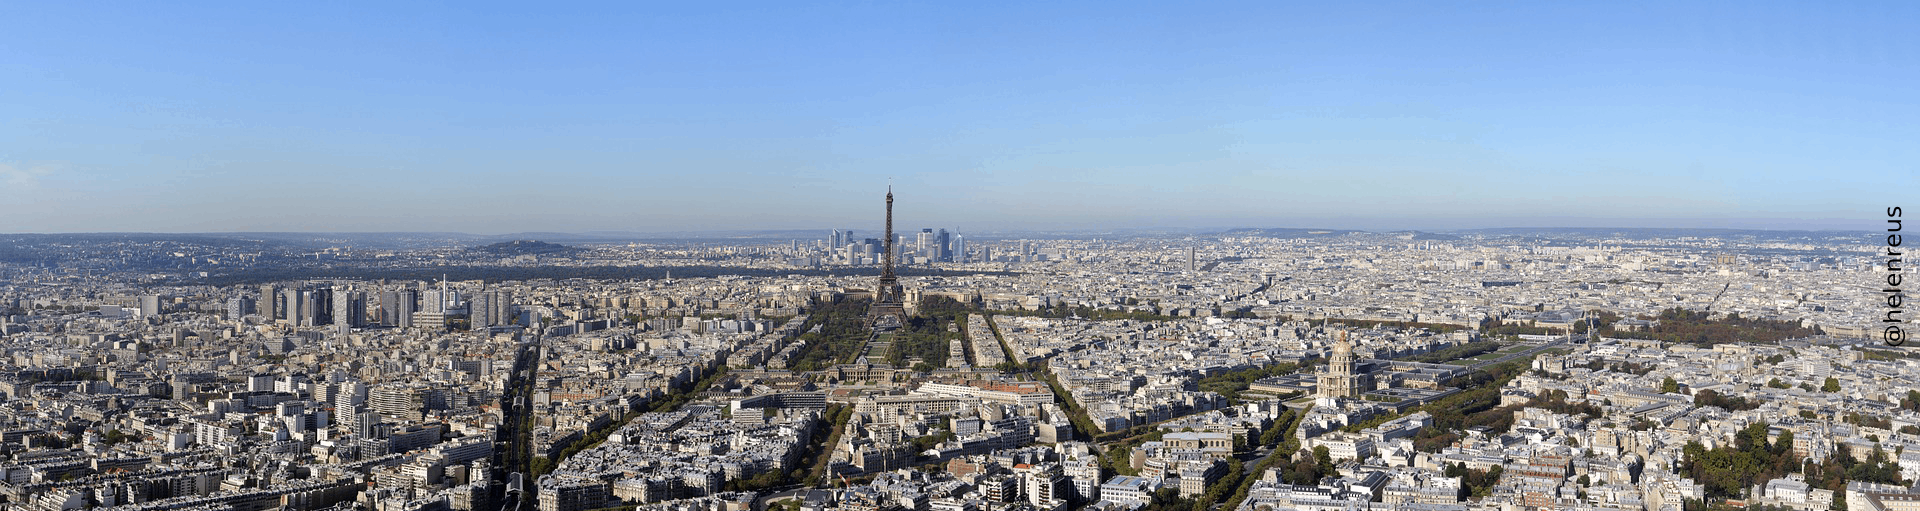 WMNC 2019 - Paris